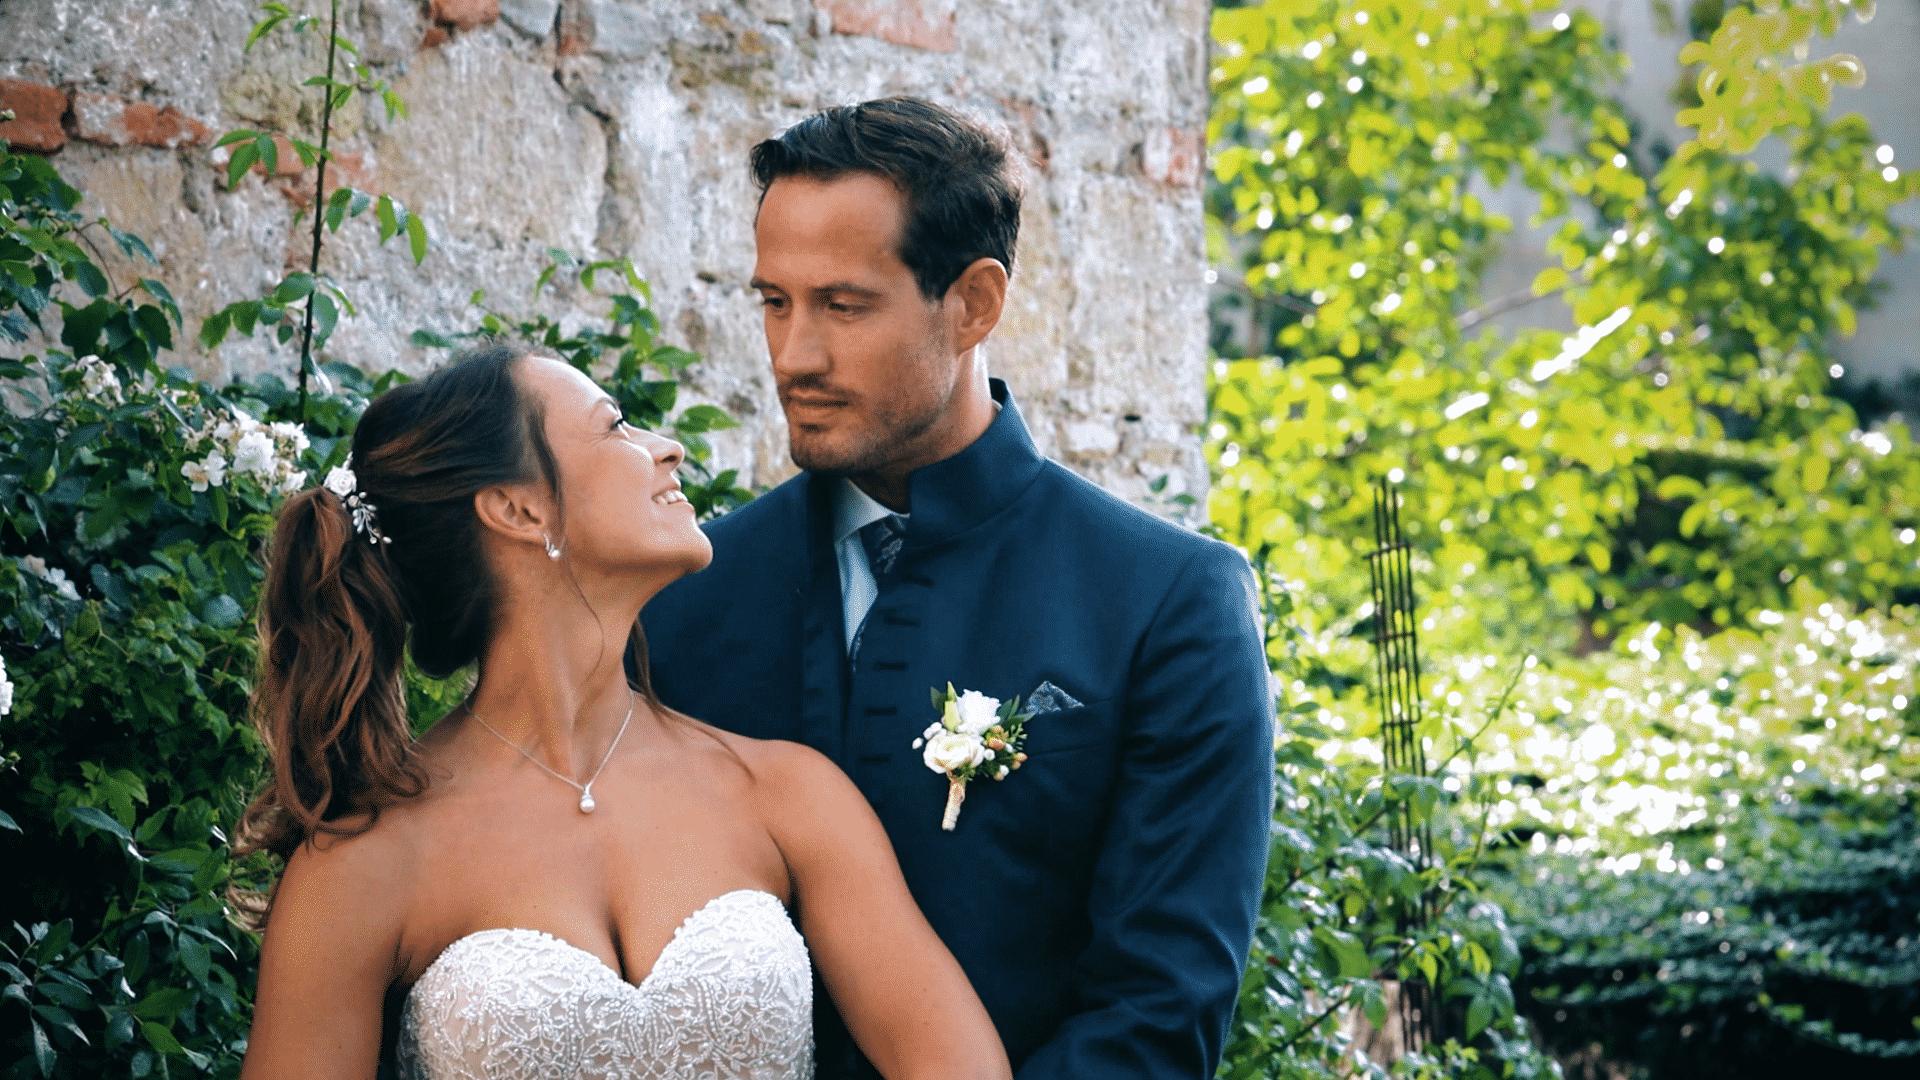 Anzeigebild für Hochzeitsvideo von romantischem Brautpaar aus Wien